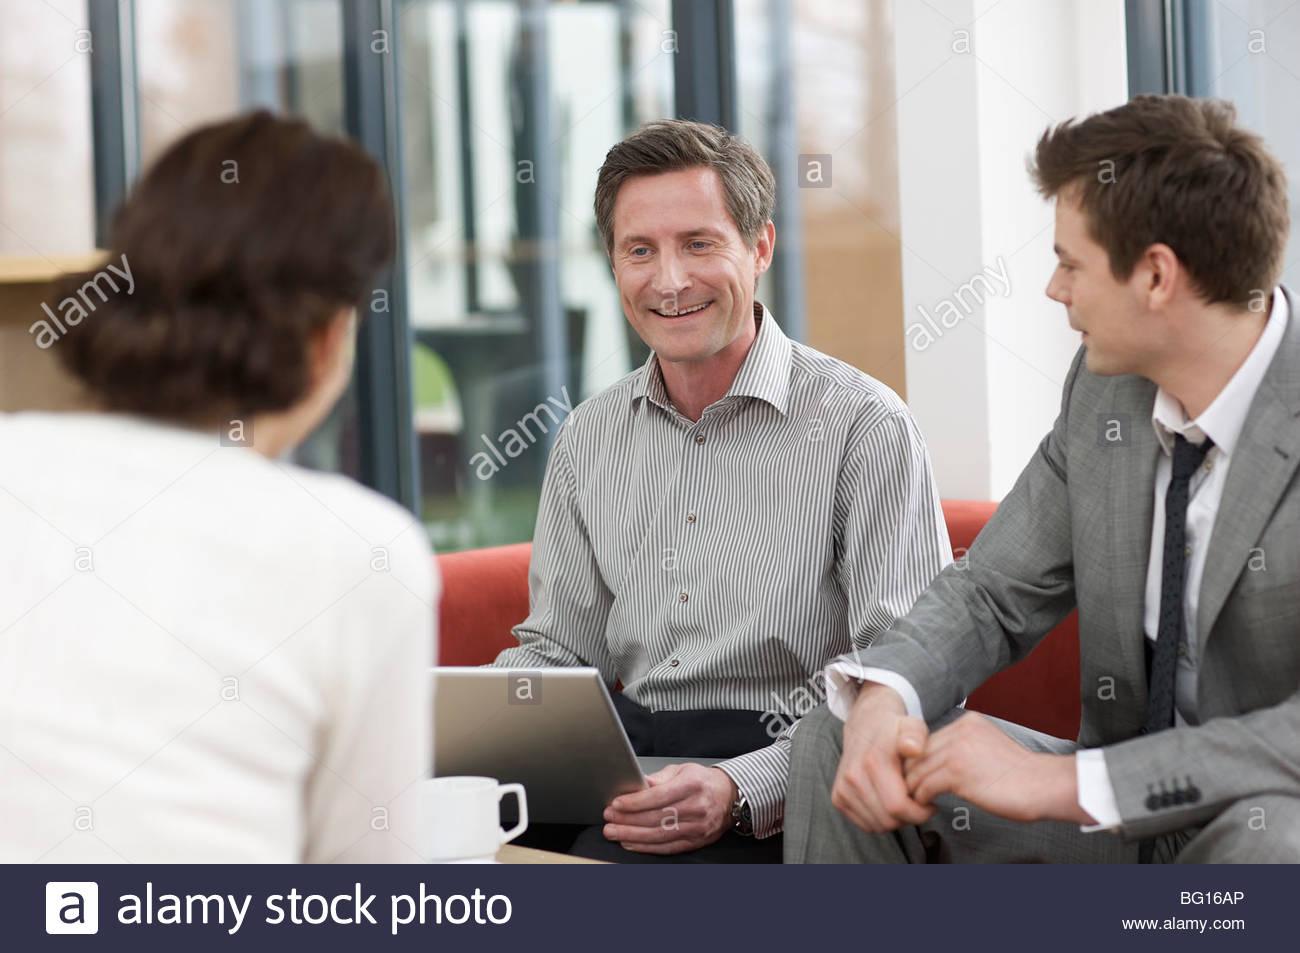 Les hommes et femmes ayant un rire au travail Photo Stock